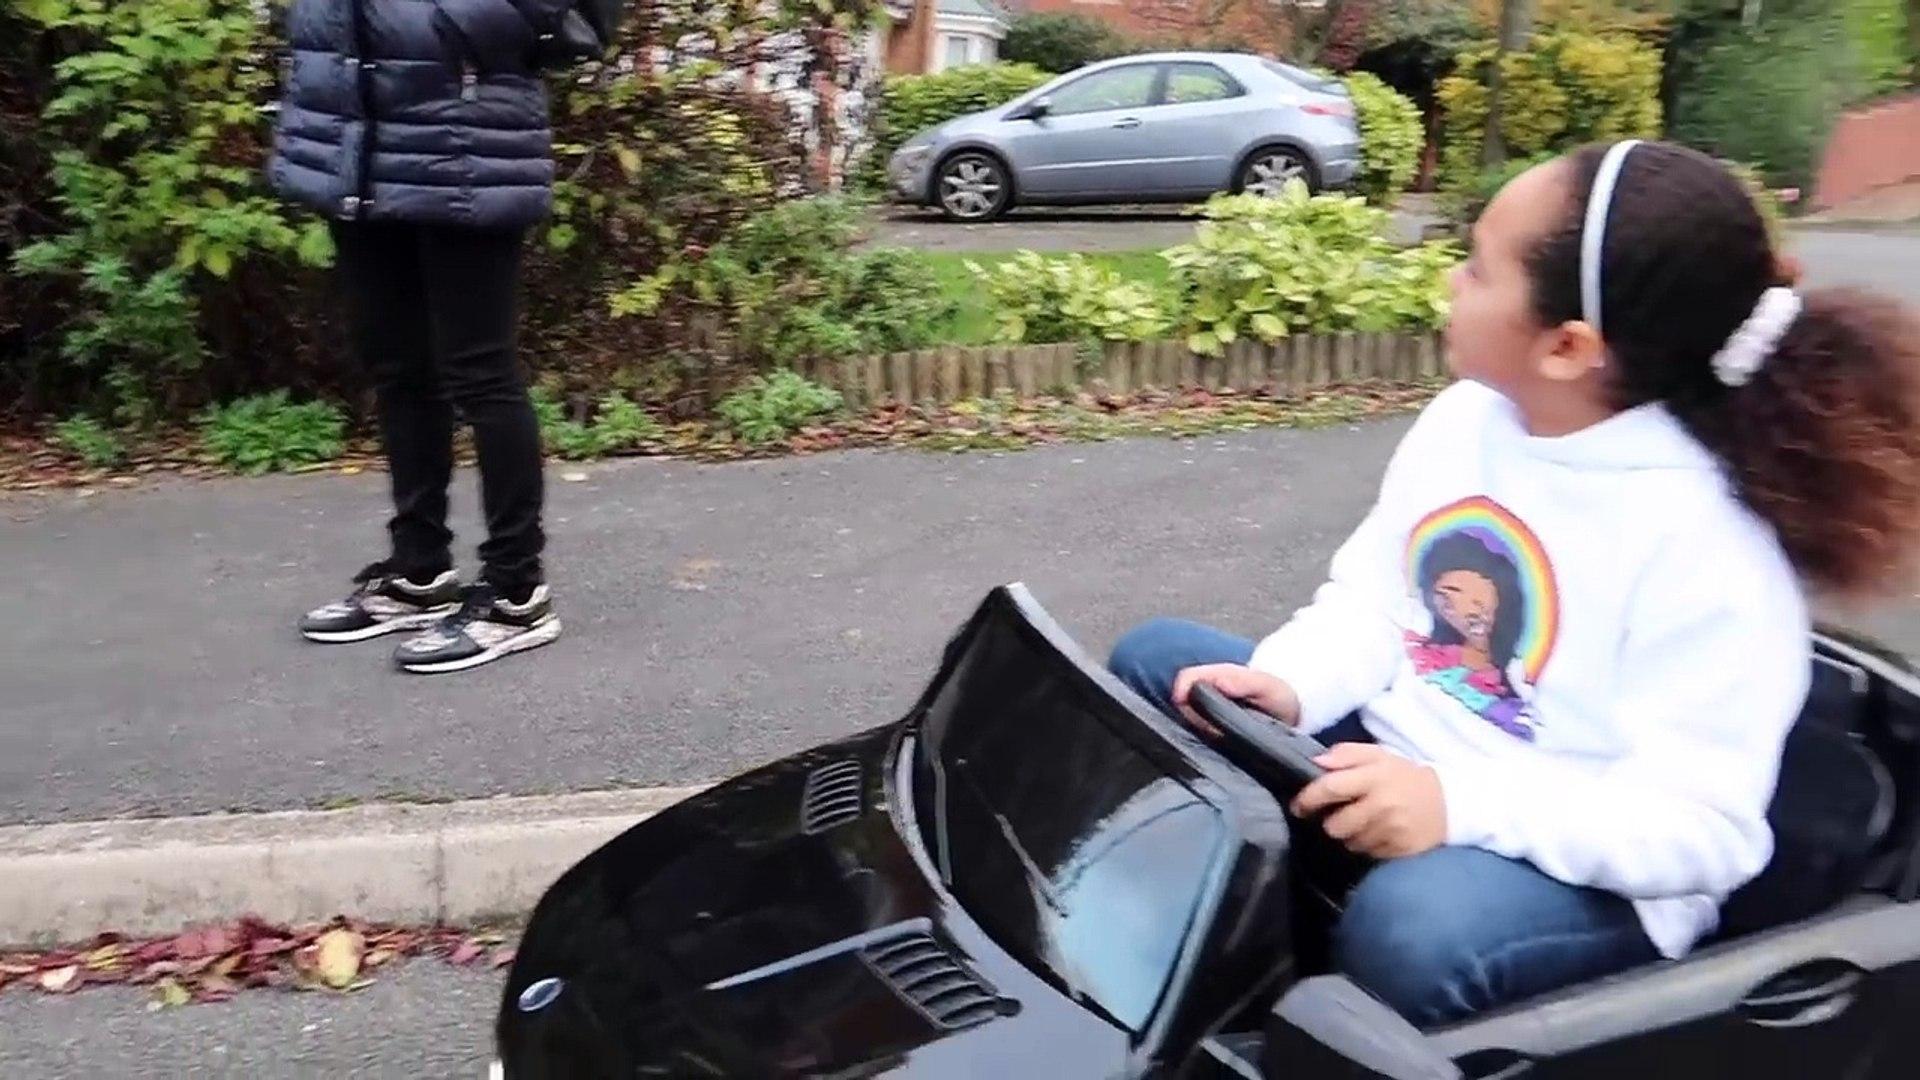 Плохо Дети вождение мощность колеса поездка Кому Макдоналдс водить машину через шалость мощность кол